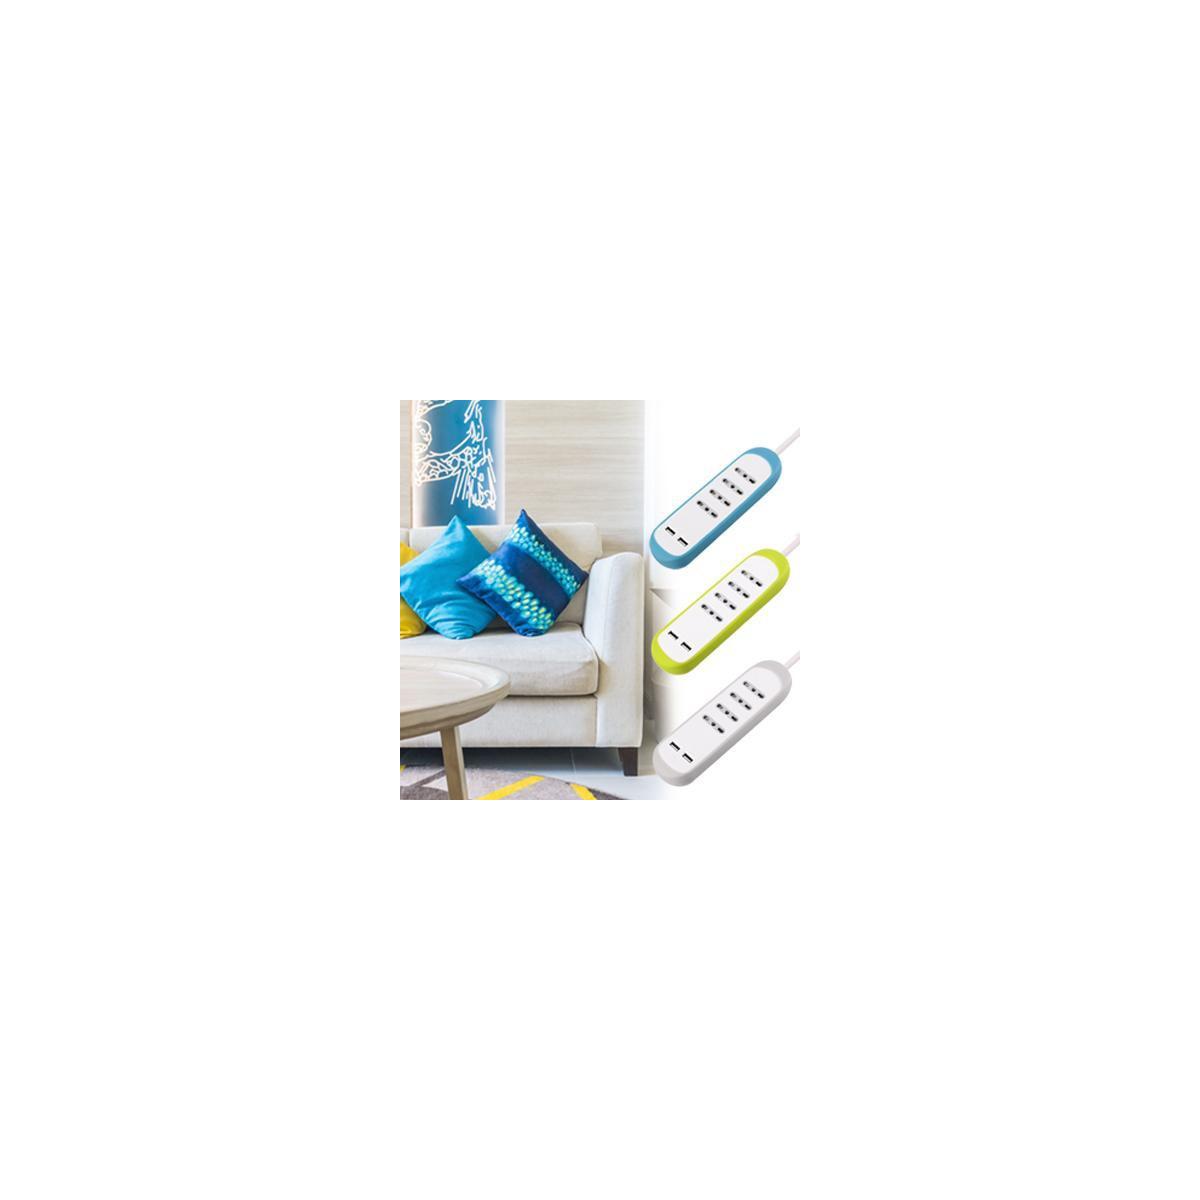 Multipresa-4-Posti-10-16A-2-USB-2-1A-Copertura-Protezione-Antiscivolo-Silicone miniatura 15